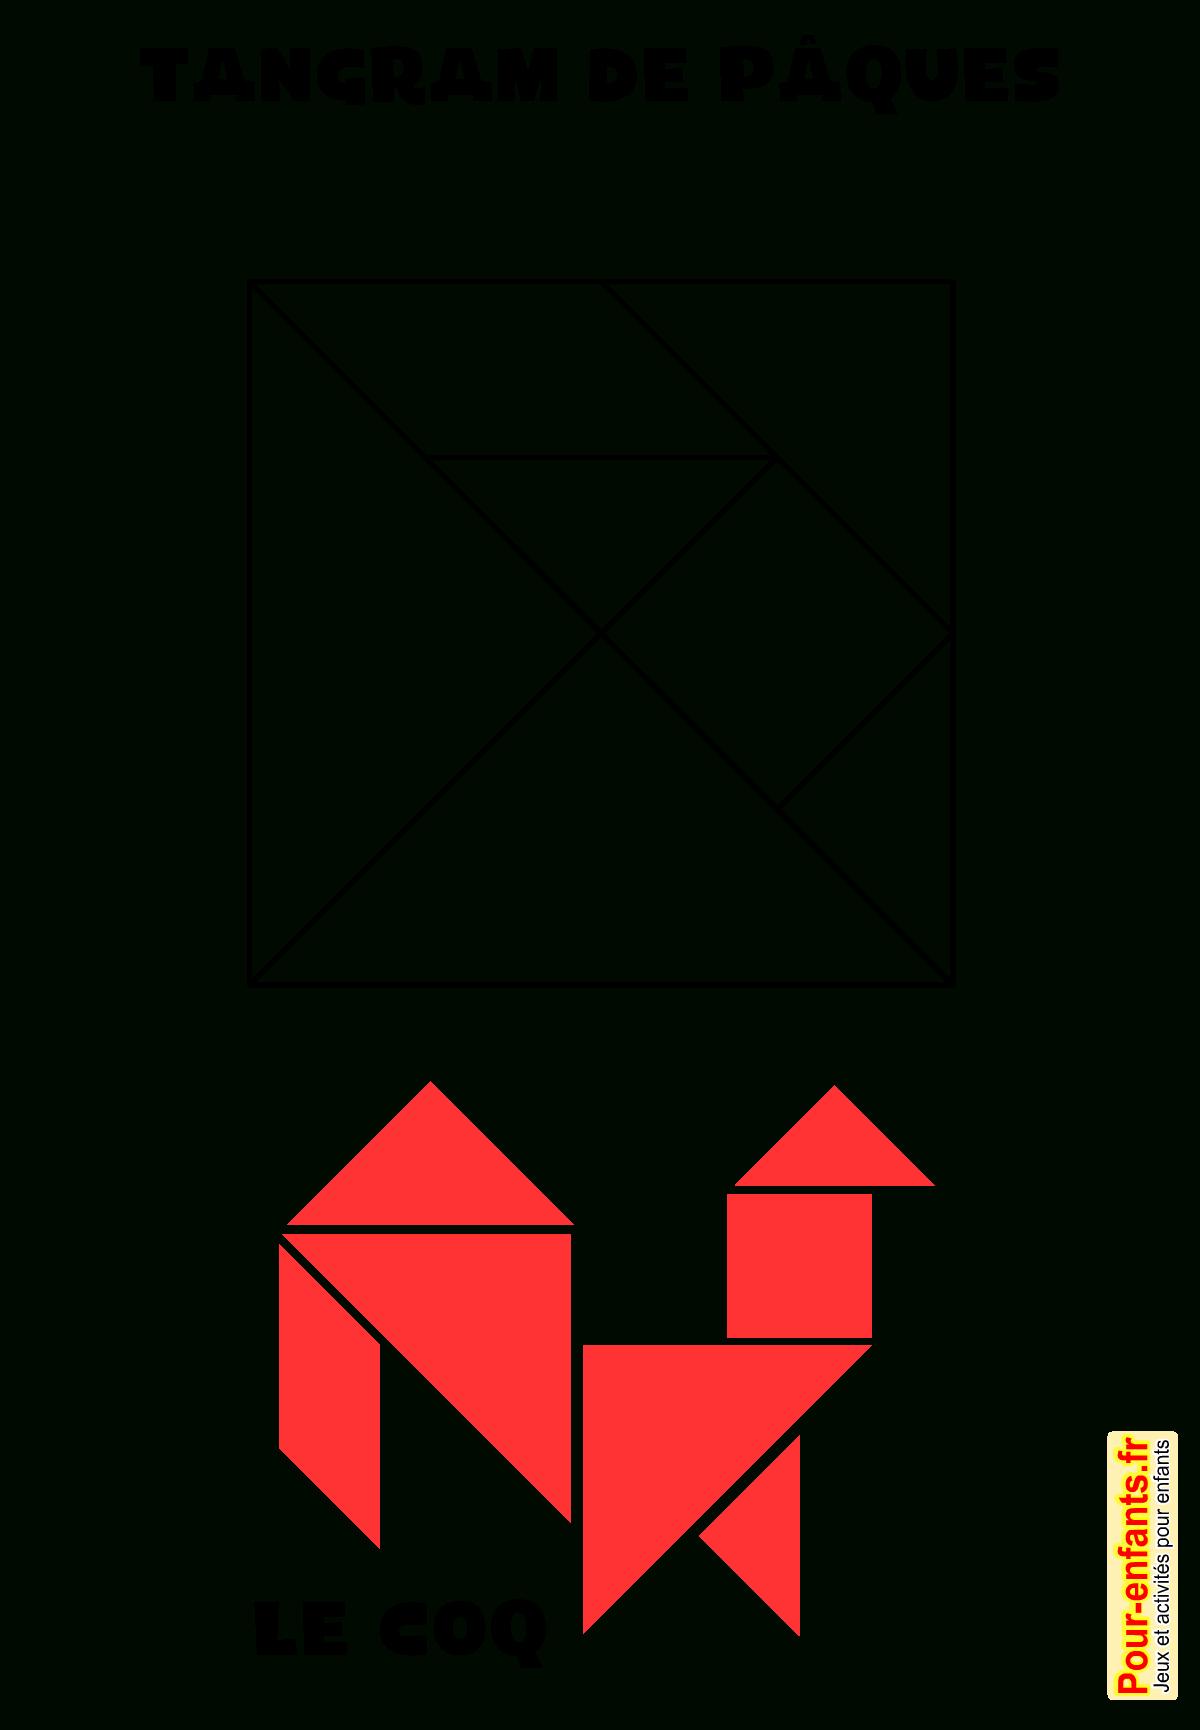 Jeux De Paques À Imprimer Tangram Dessin De Coq Jeu De concernant Tangram A Imprimer